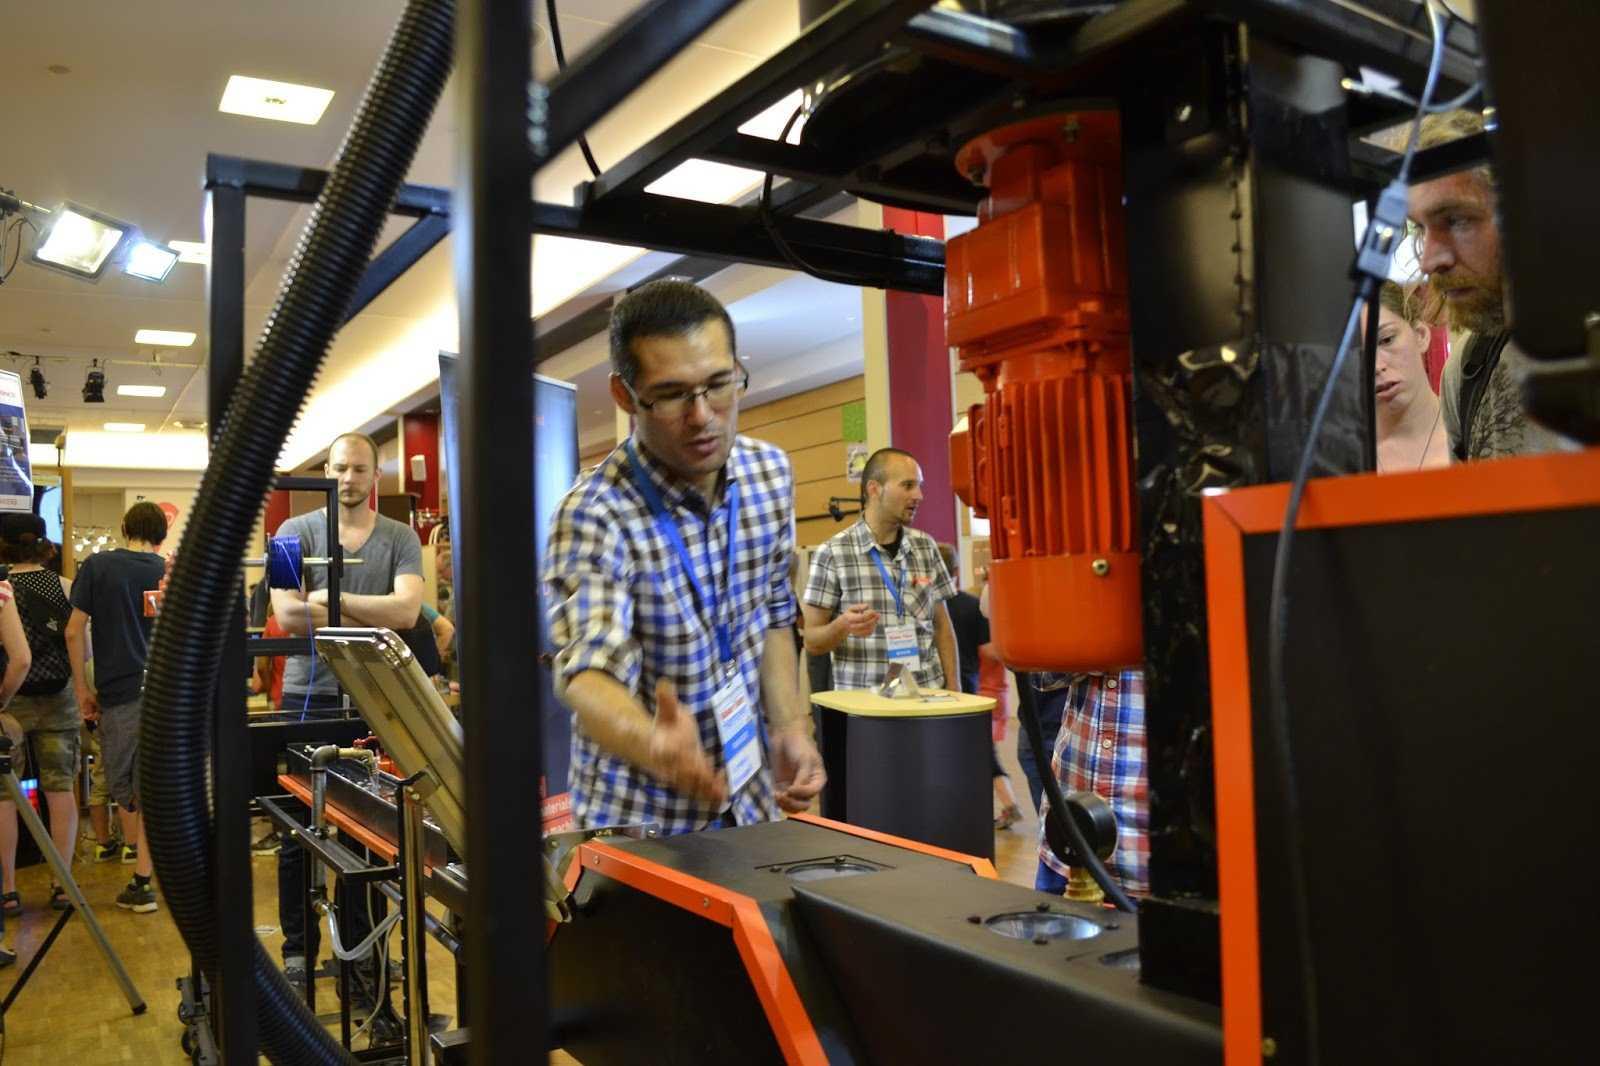 Ein Hauch von Industrieatmosphäre bei der Maker Faire Hannover 2015: Die Filament-Produktionsanlage füllte den Stand von dddmaterial komplett aus.